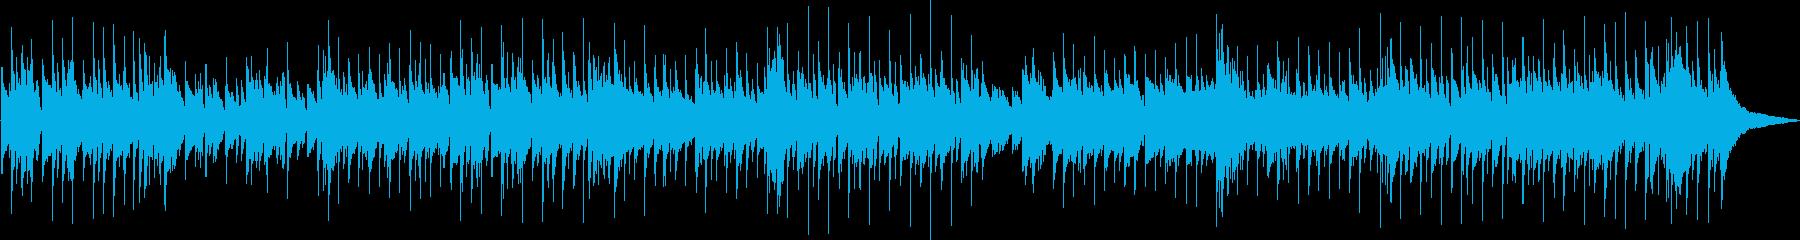 カントリー、フォーク、バラードの再生済みの波形